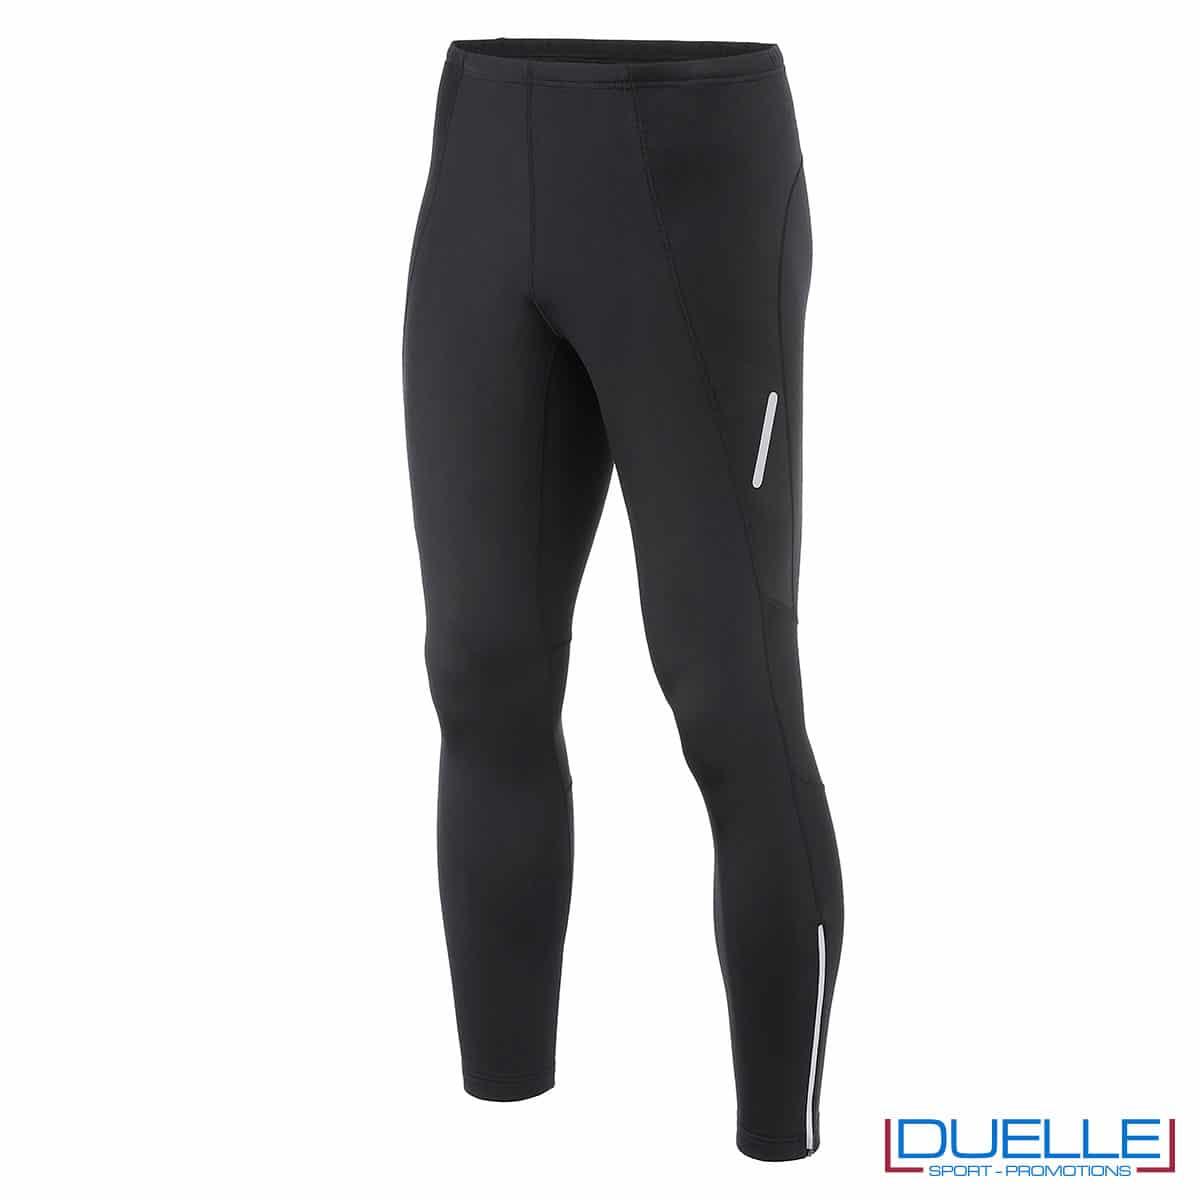 Pantaloni sportivi felpati uomo colore nero personalizzati